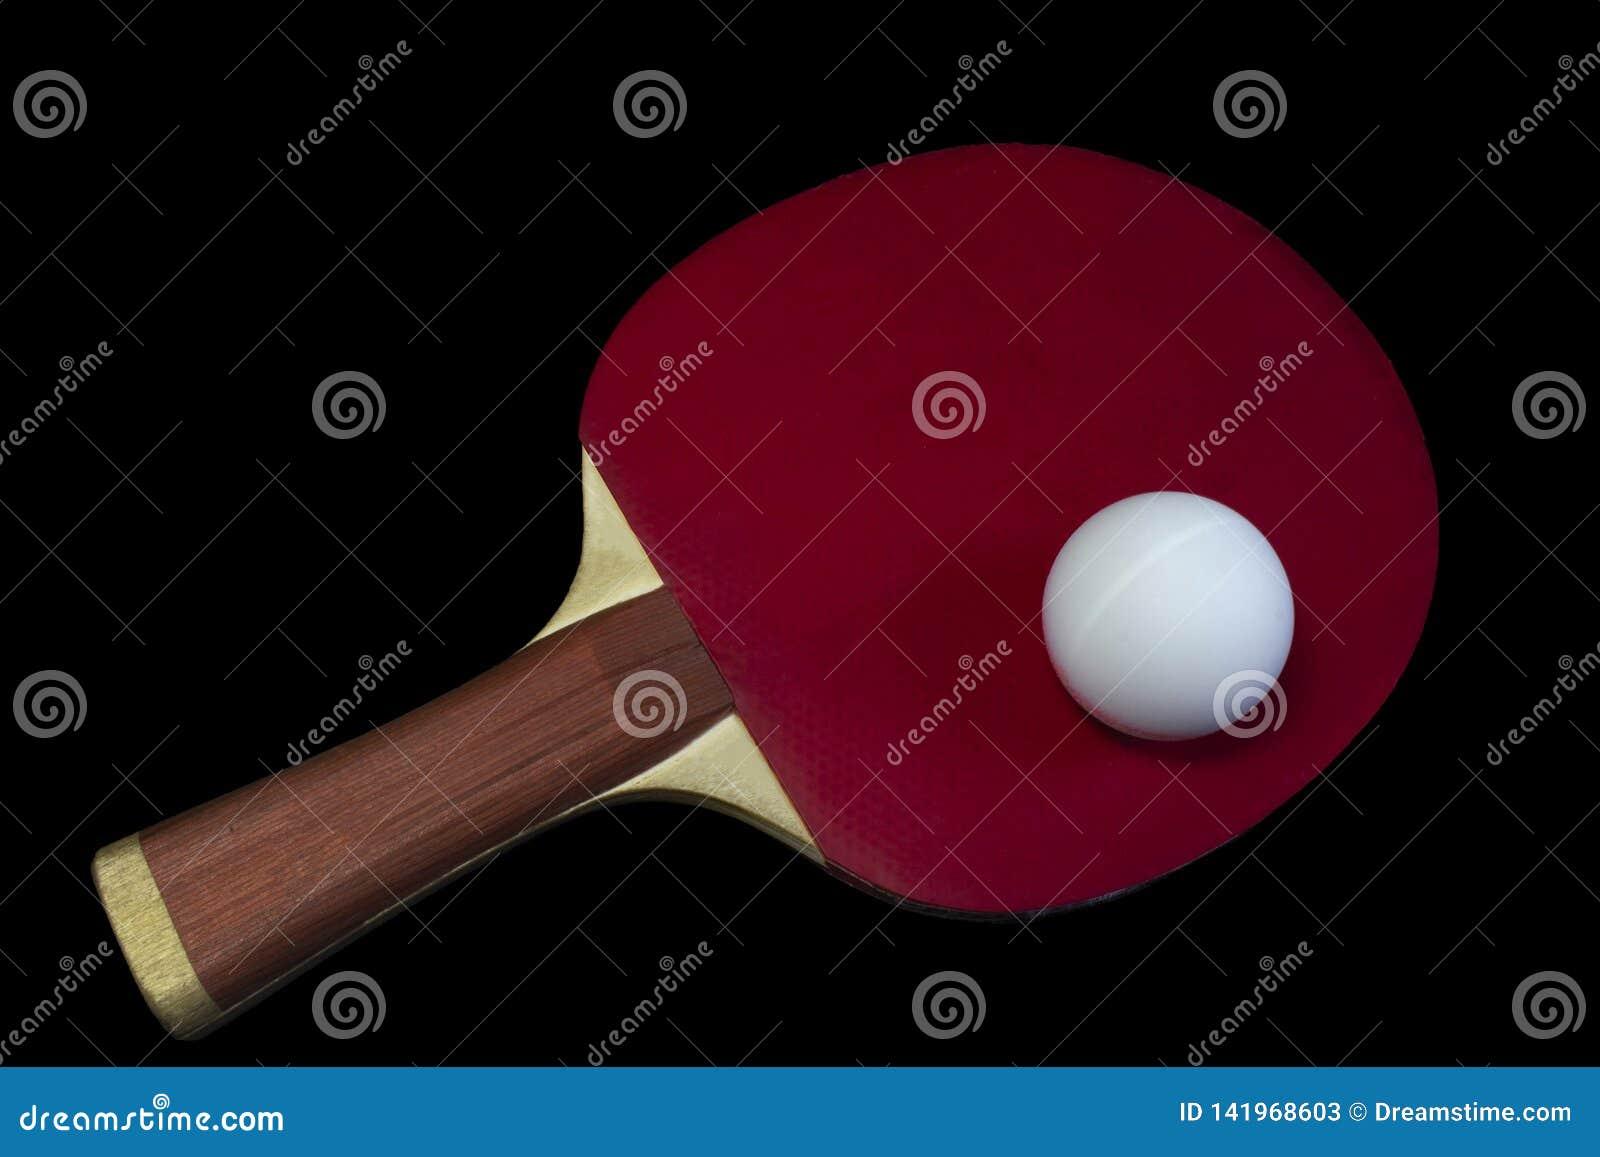 Bordtennisracket och boll som isoleras på svart bakgrund